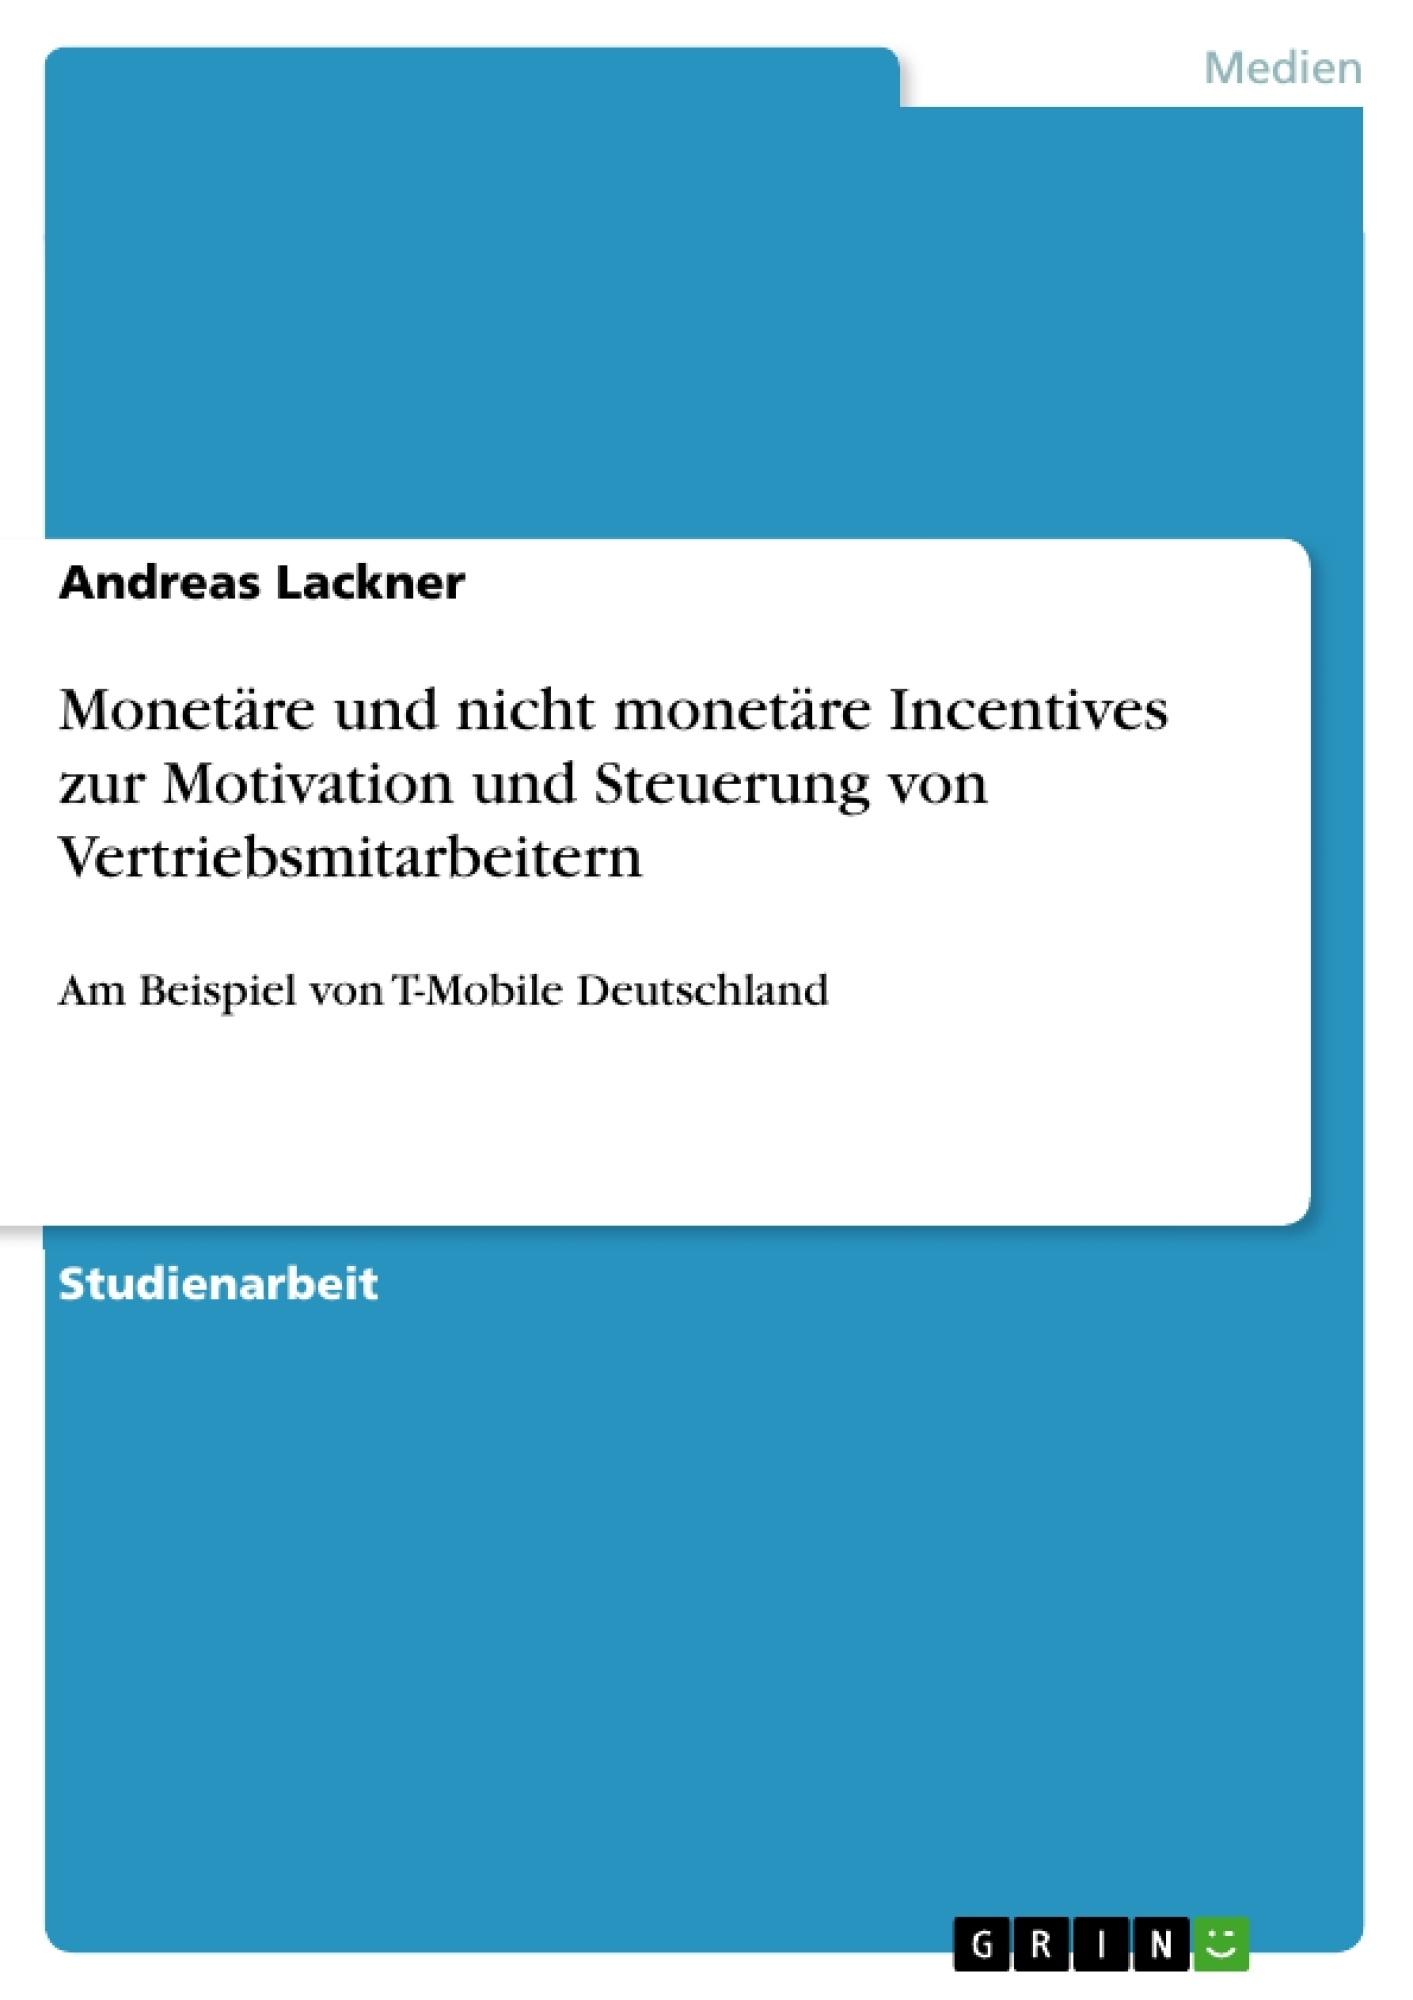 Titel: Monetäre und nicht monetäre Incentives zur Motivation und Steuerung von Vertriebsmitarbeitern